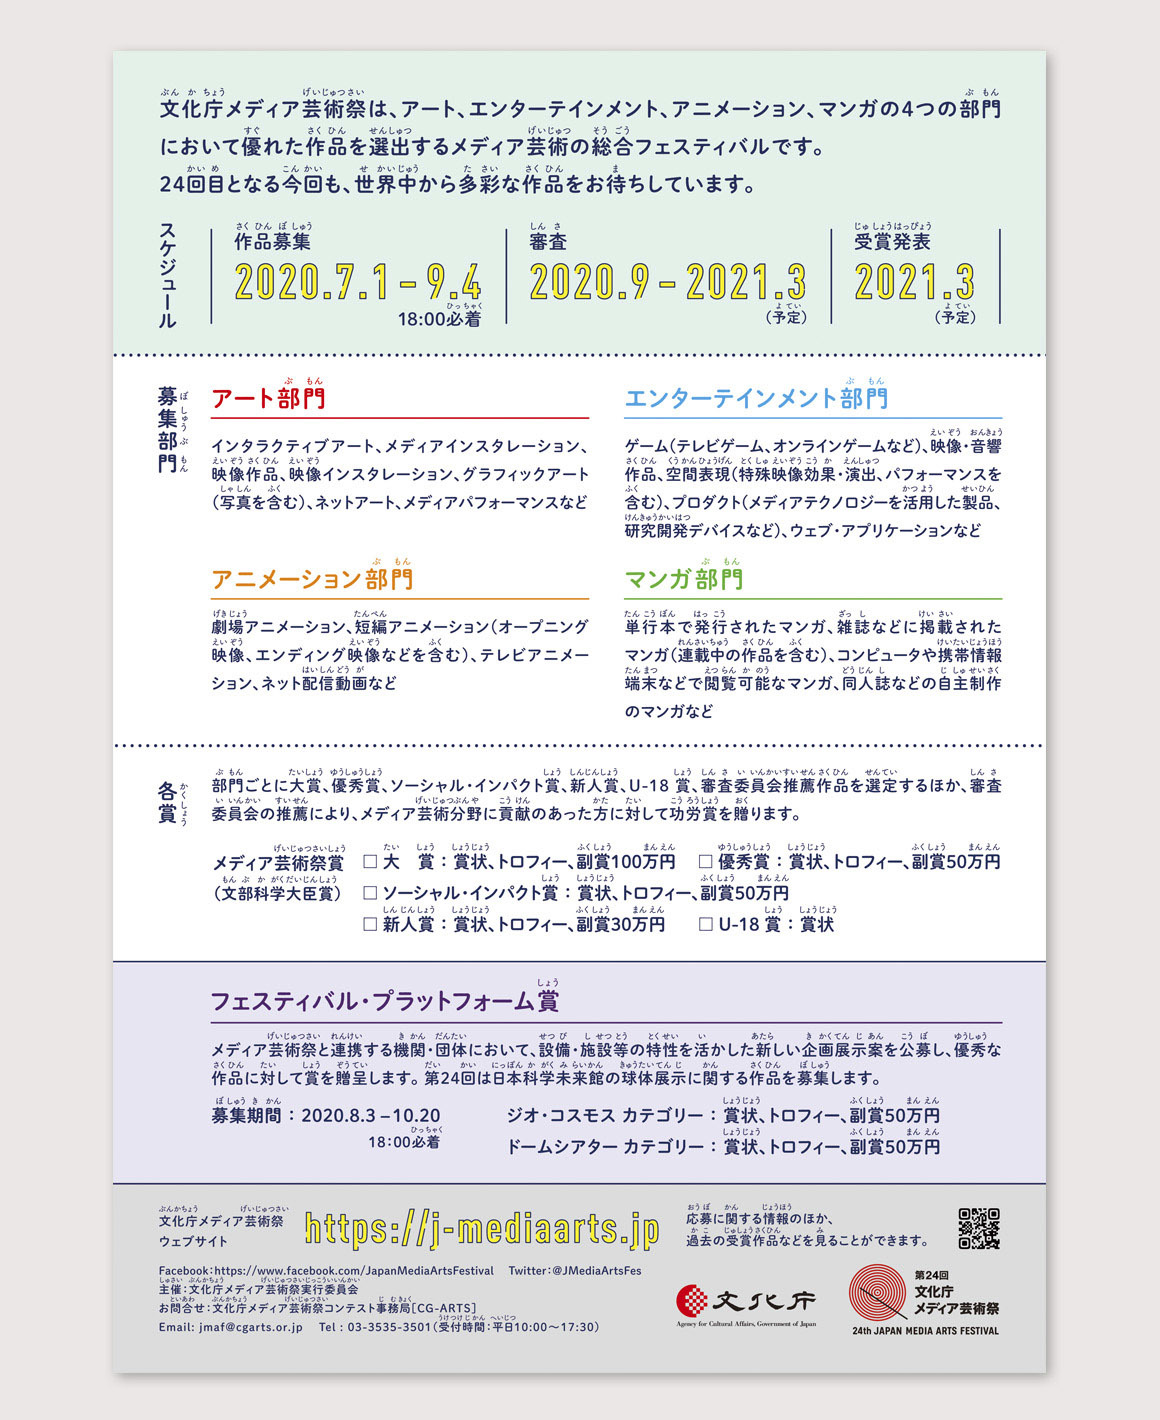 WORKS|第24回文化庁メディア芸術祭 作品募集_e0206124_14071891.jpg